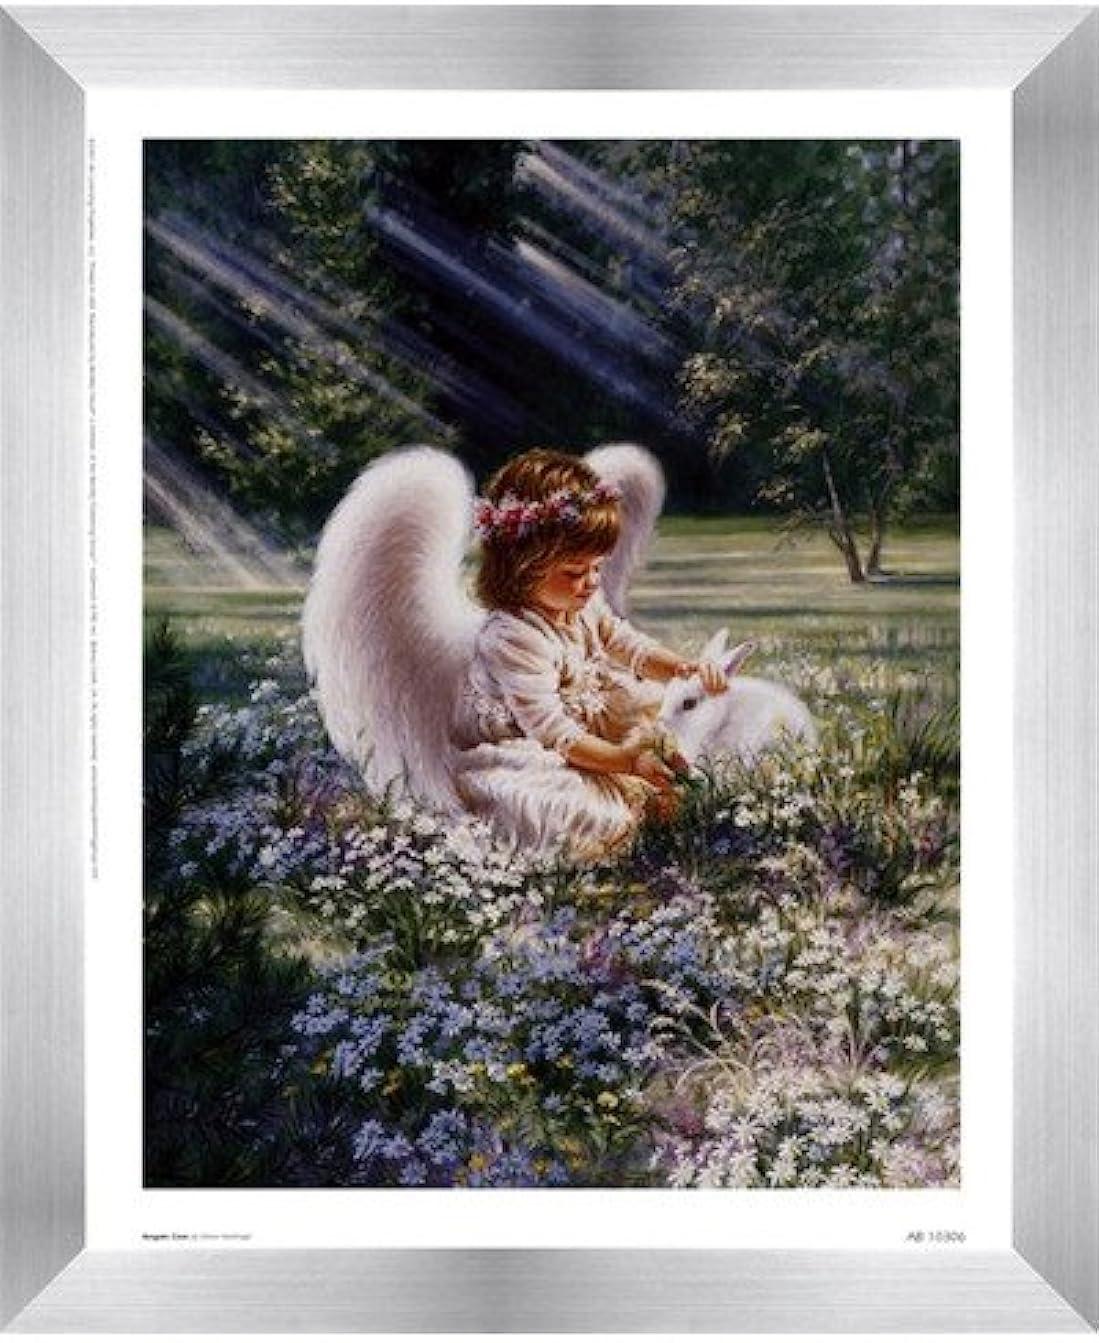 懸念がんばり続ける保持するAn Angels Care by Dona Gelsinger – 9 x 11インチ – アートプリントポスター 8  x 10  Inch LE_63552-F9935-9x11